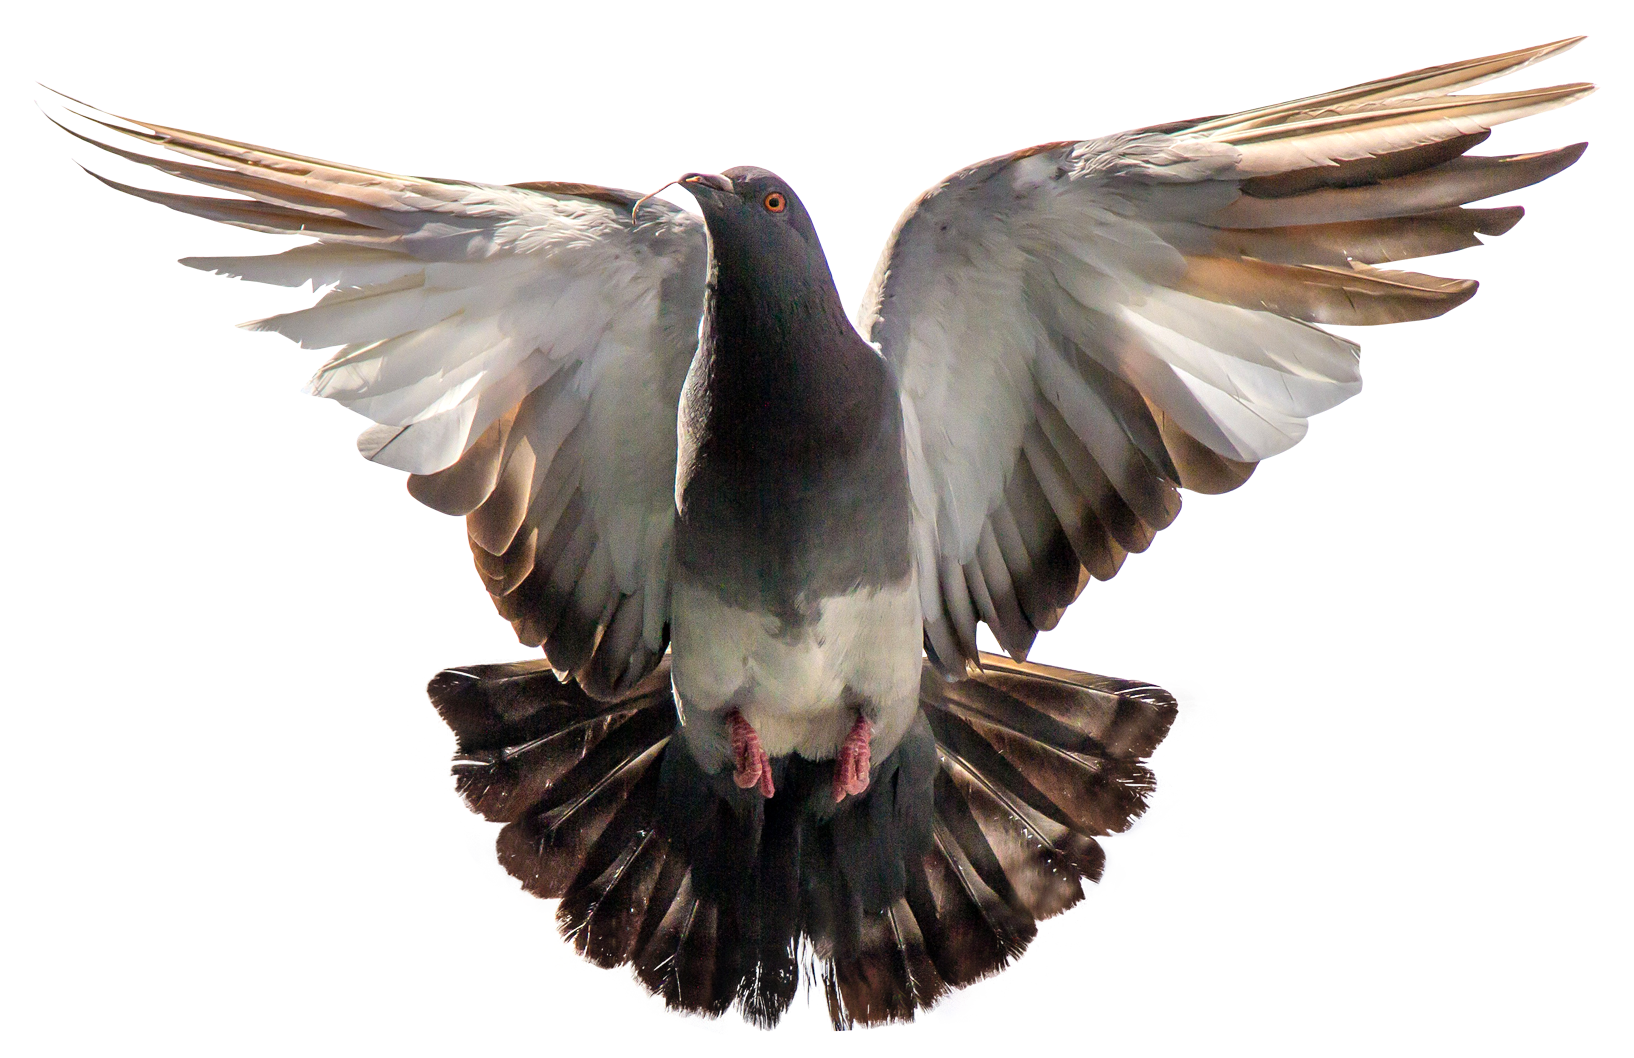 Birds png images pngpix. Nest clipart pigeon nest